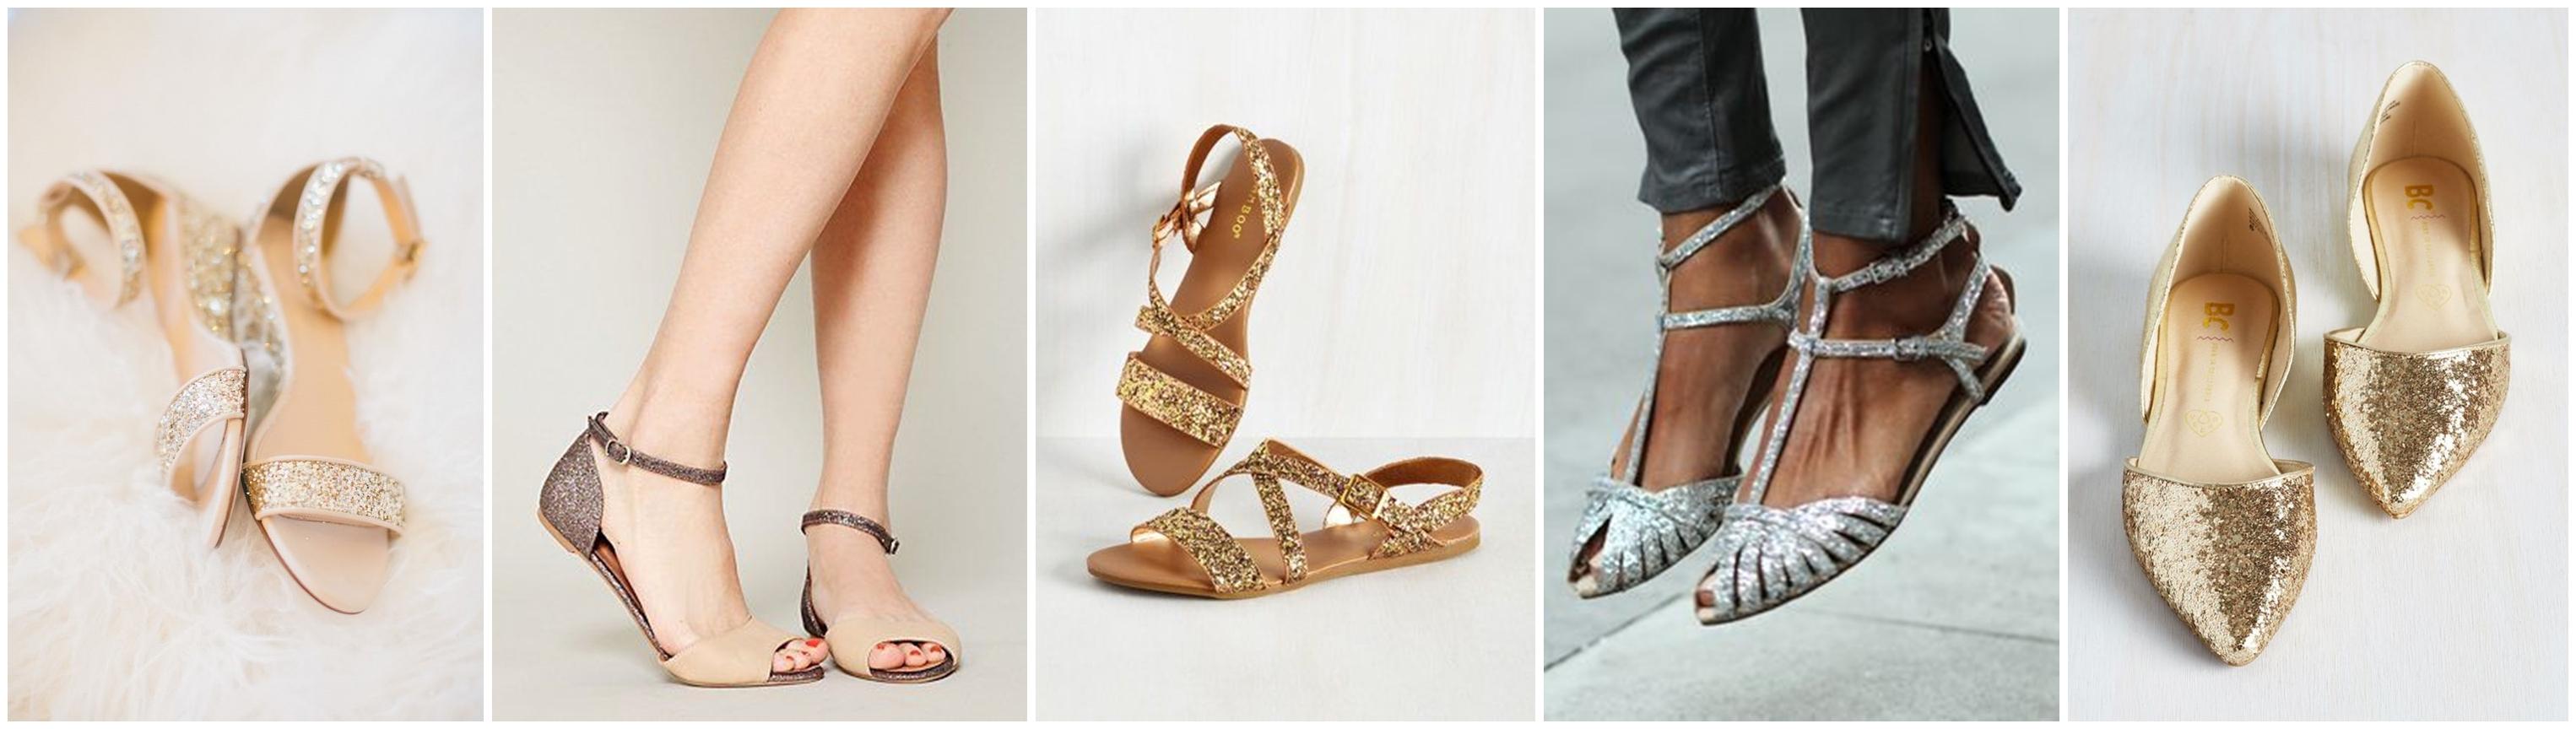 sandale sclipici